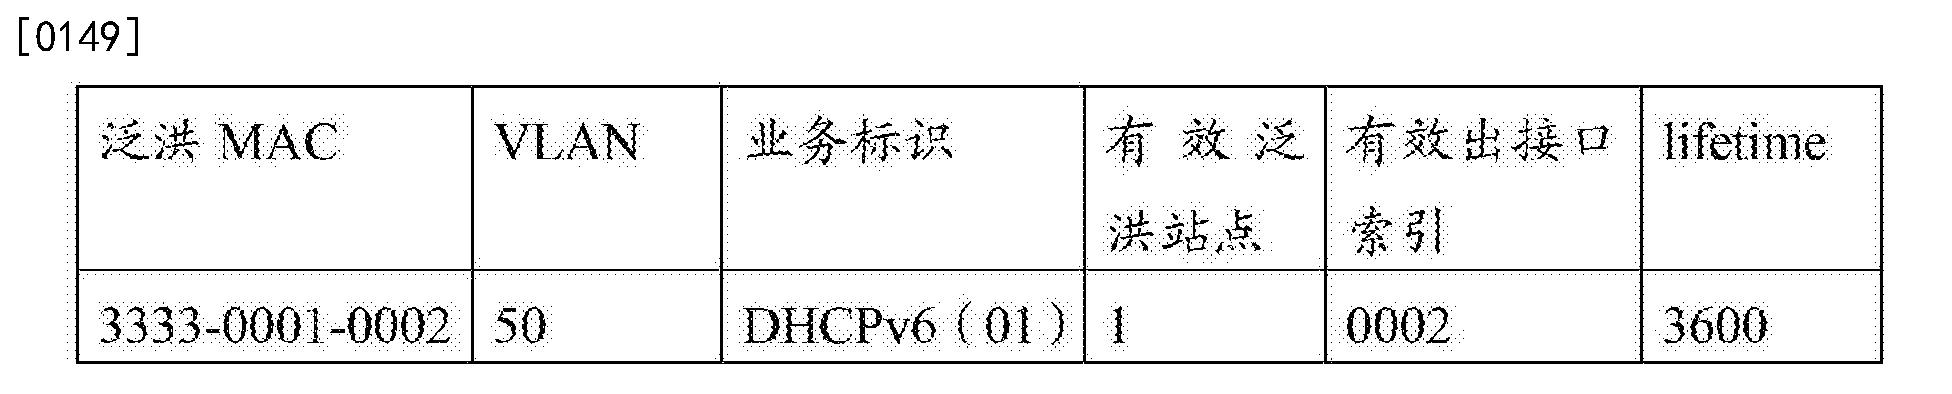 Figure CN103414634BD00162